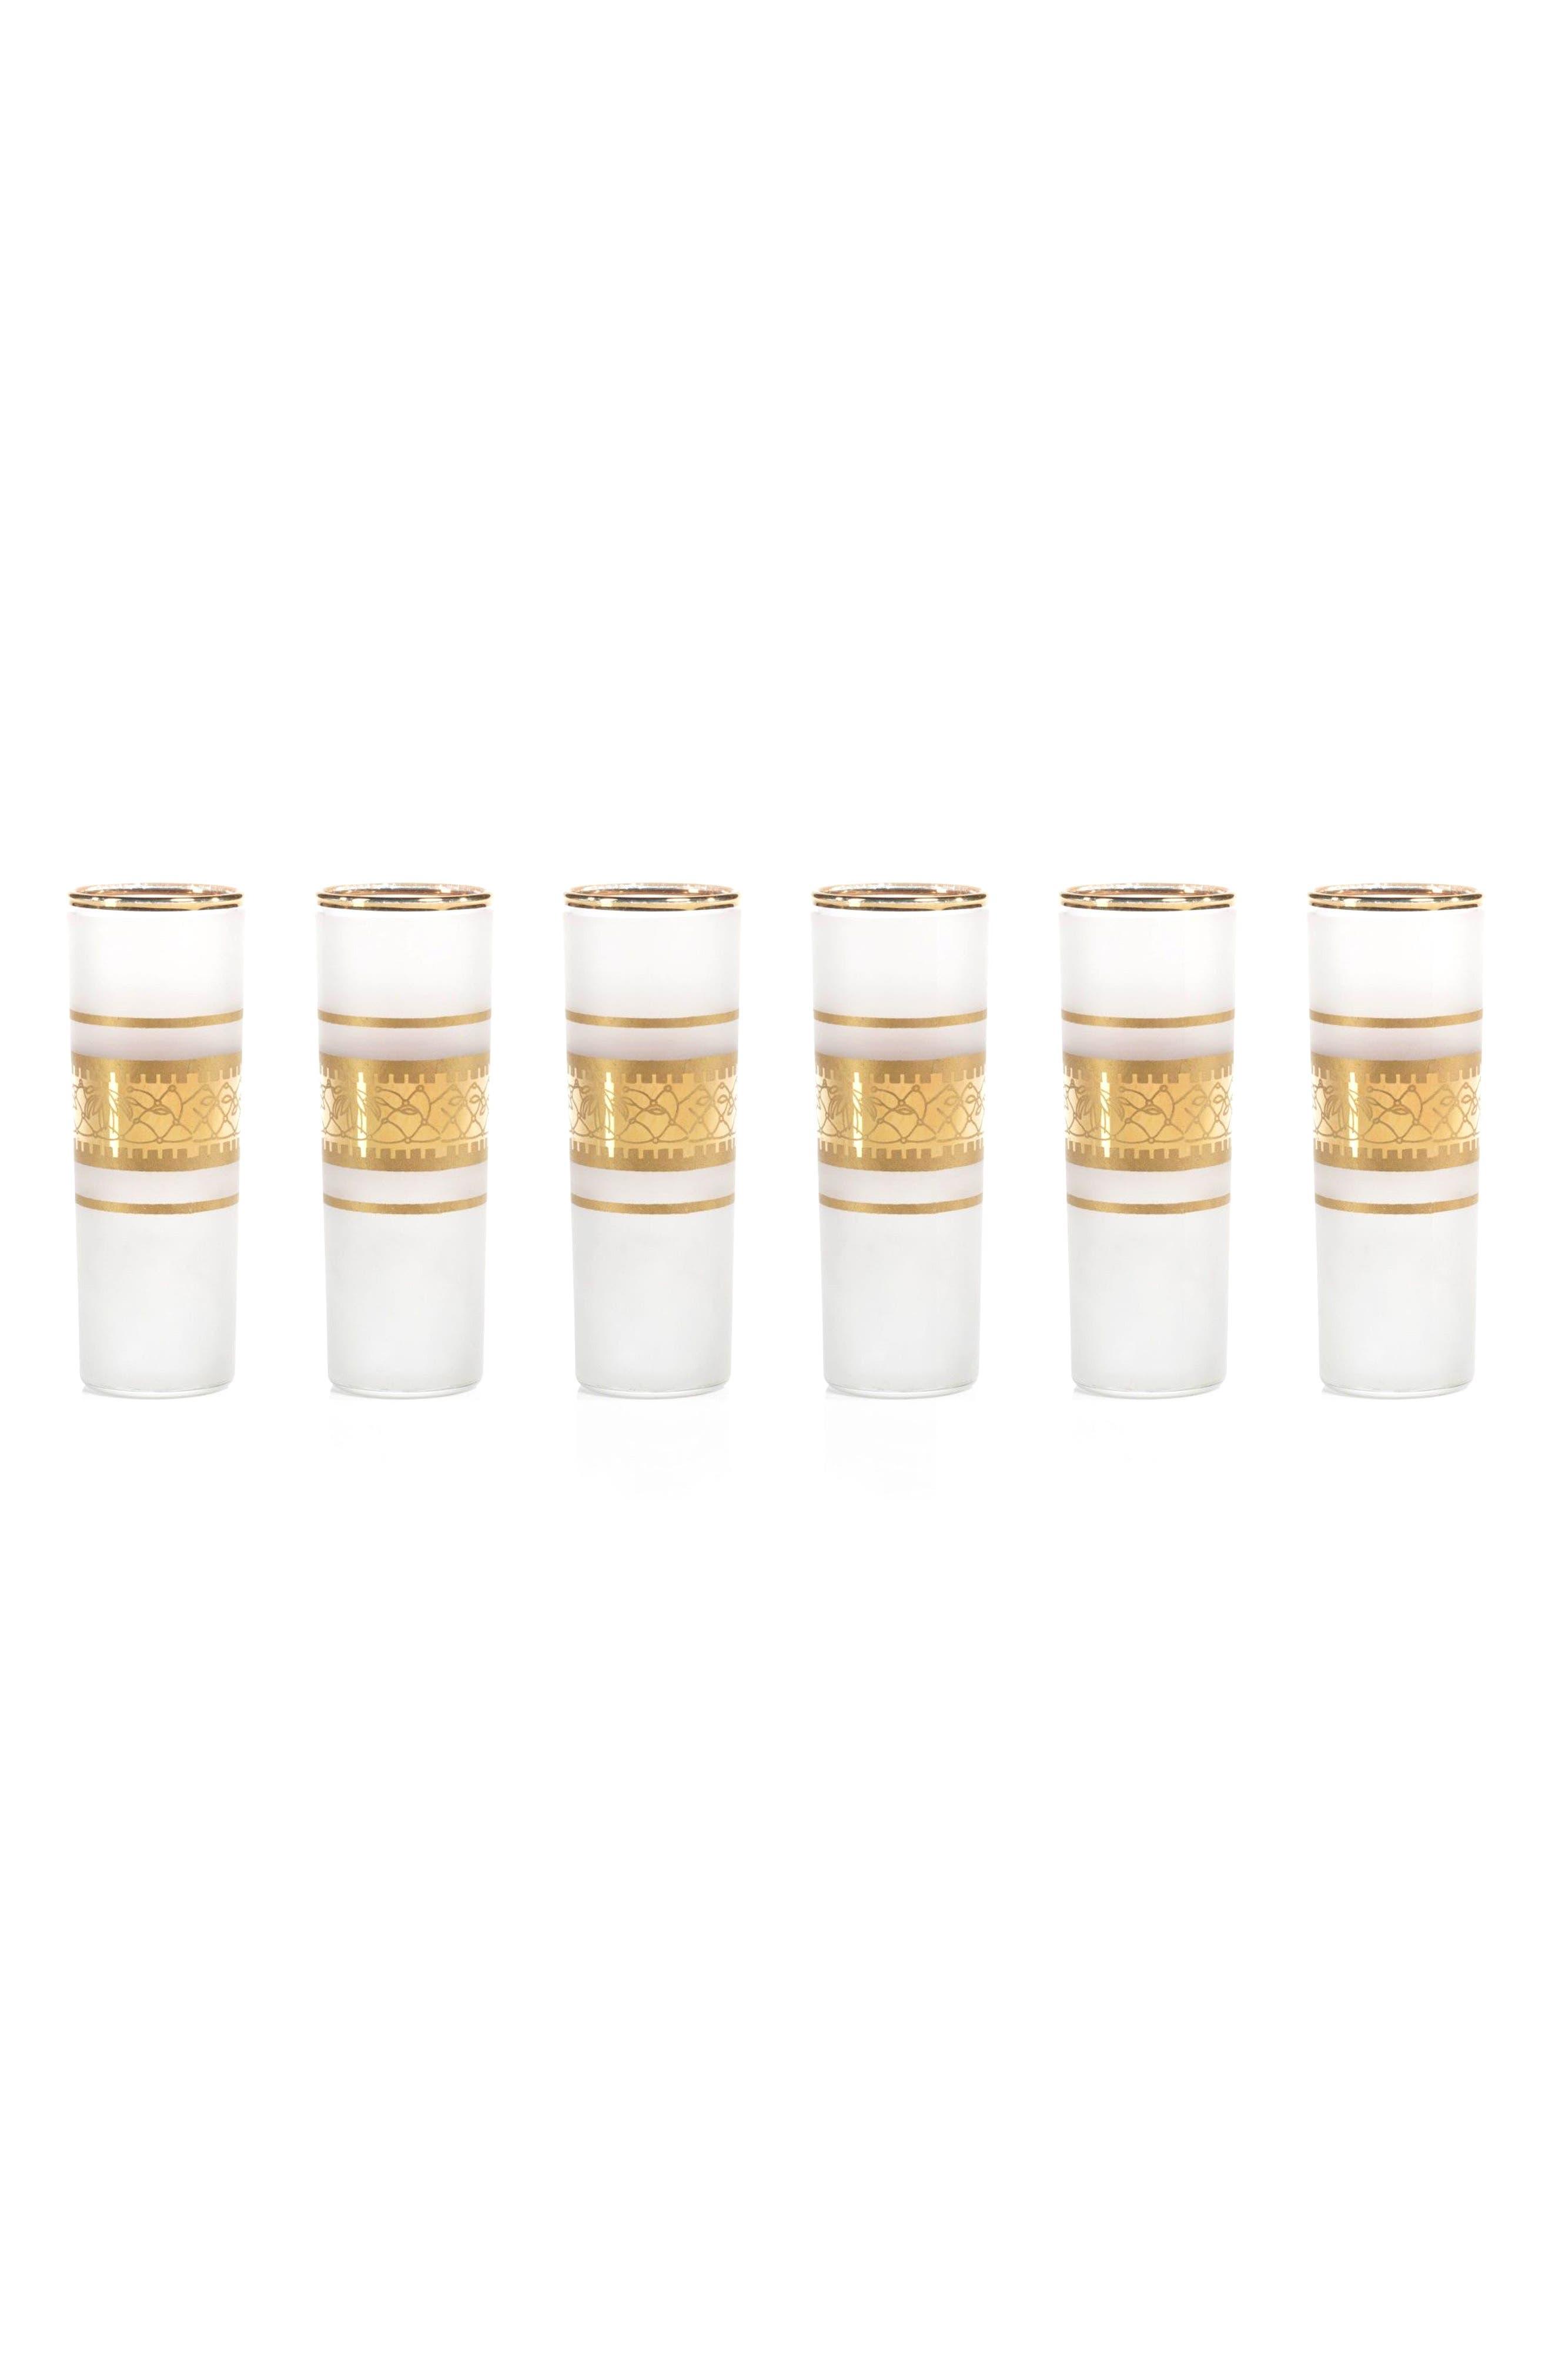 Main Image - Zodax Melilla Set of 6 Shot Glasses